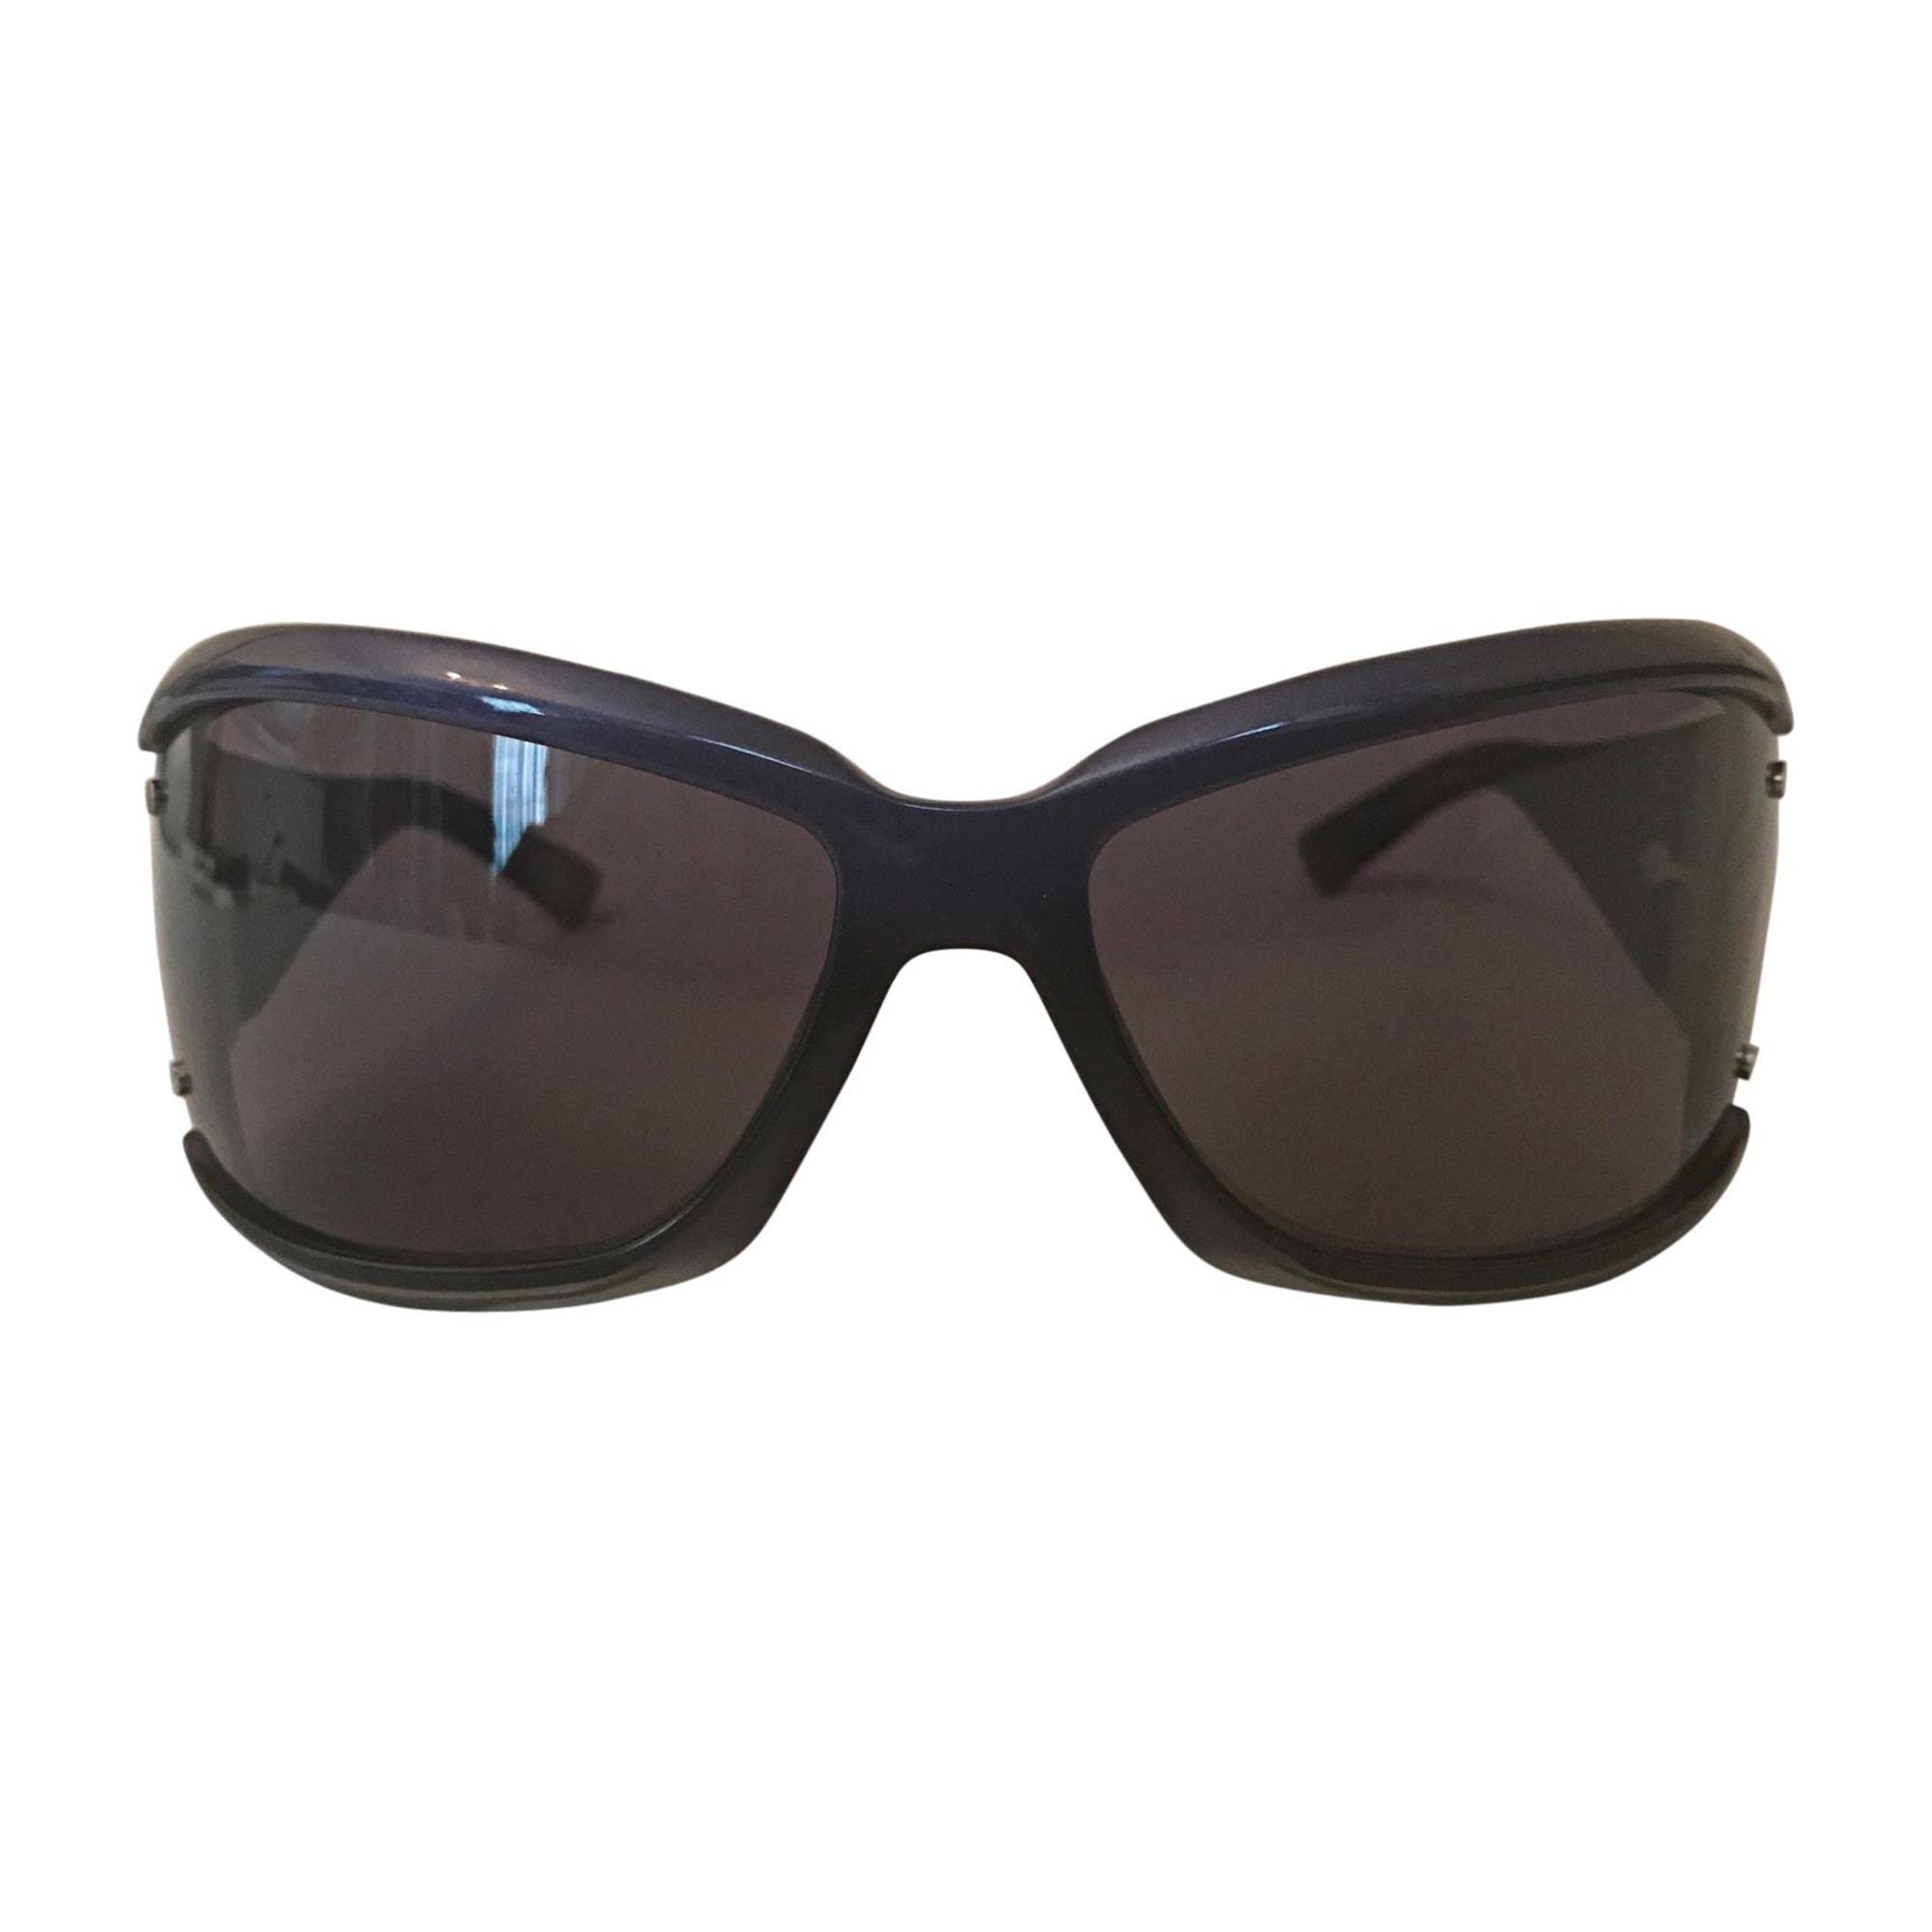 Sonnenbrille BALENCIAGA blau - 7958791